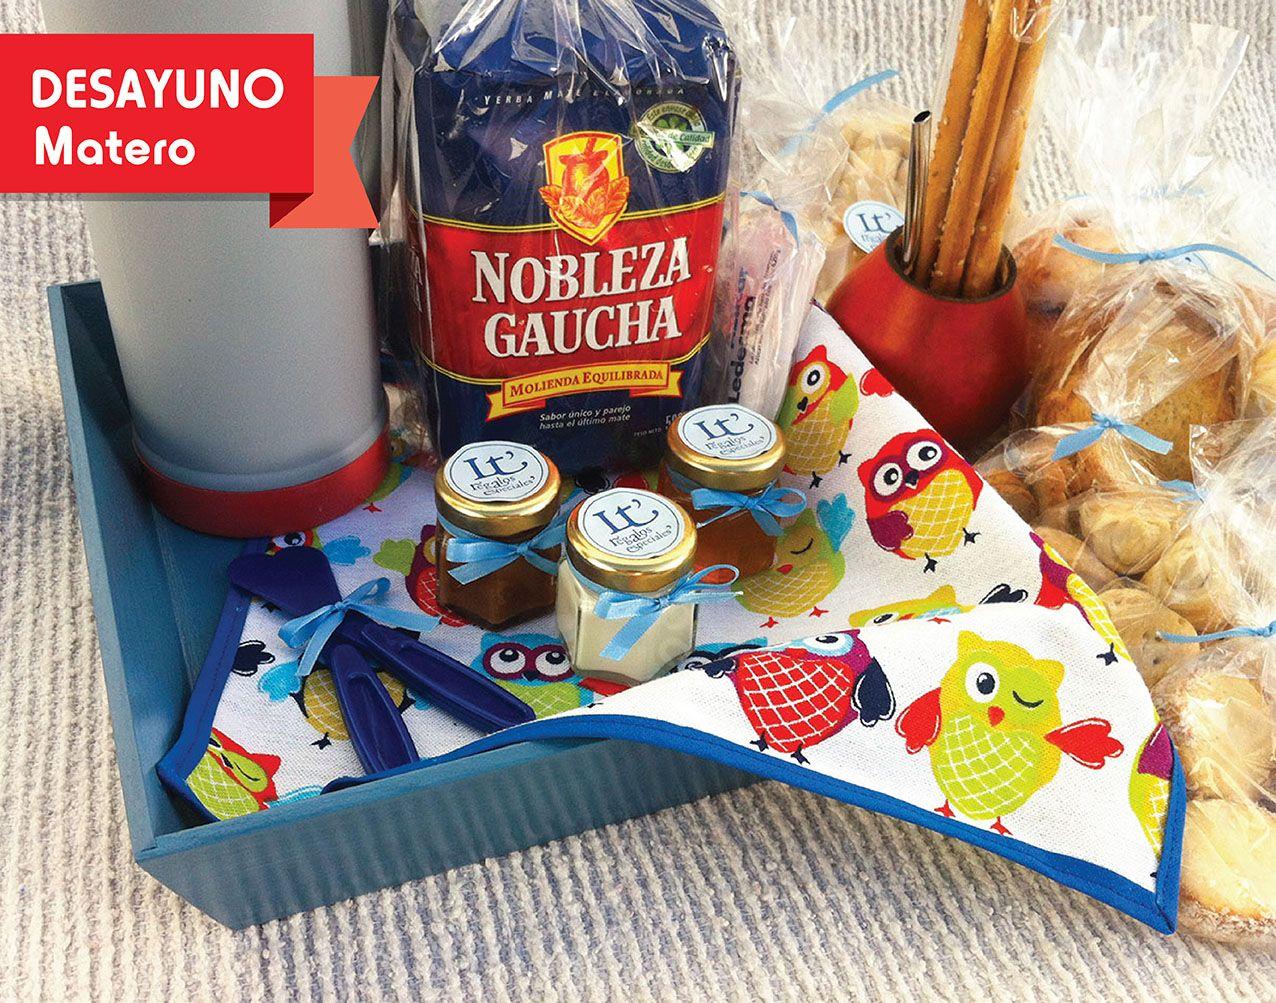 Desayunos a domicilio originales y artesanales 350 lt para regalar pinterest breakfast - Regalar desayuno a domicilio madrid ...